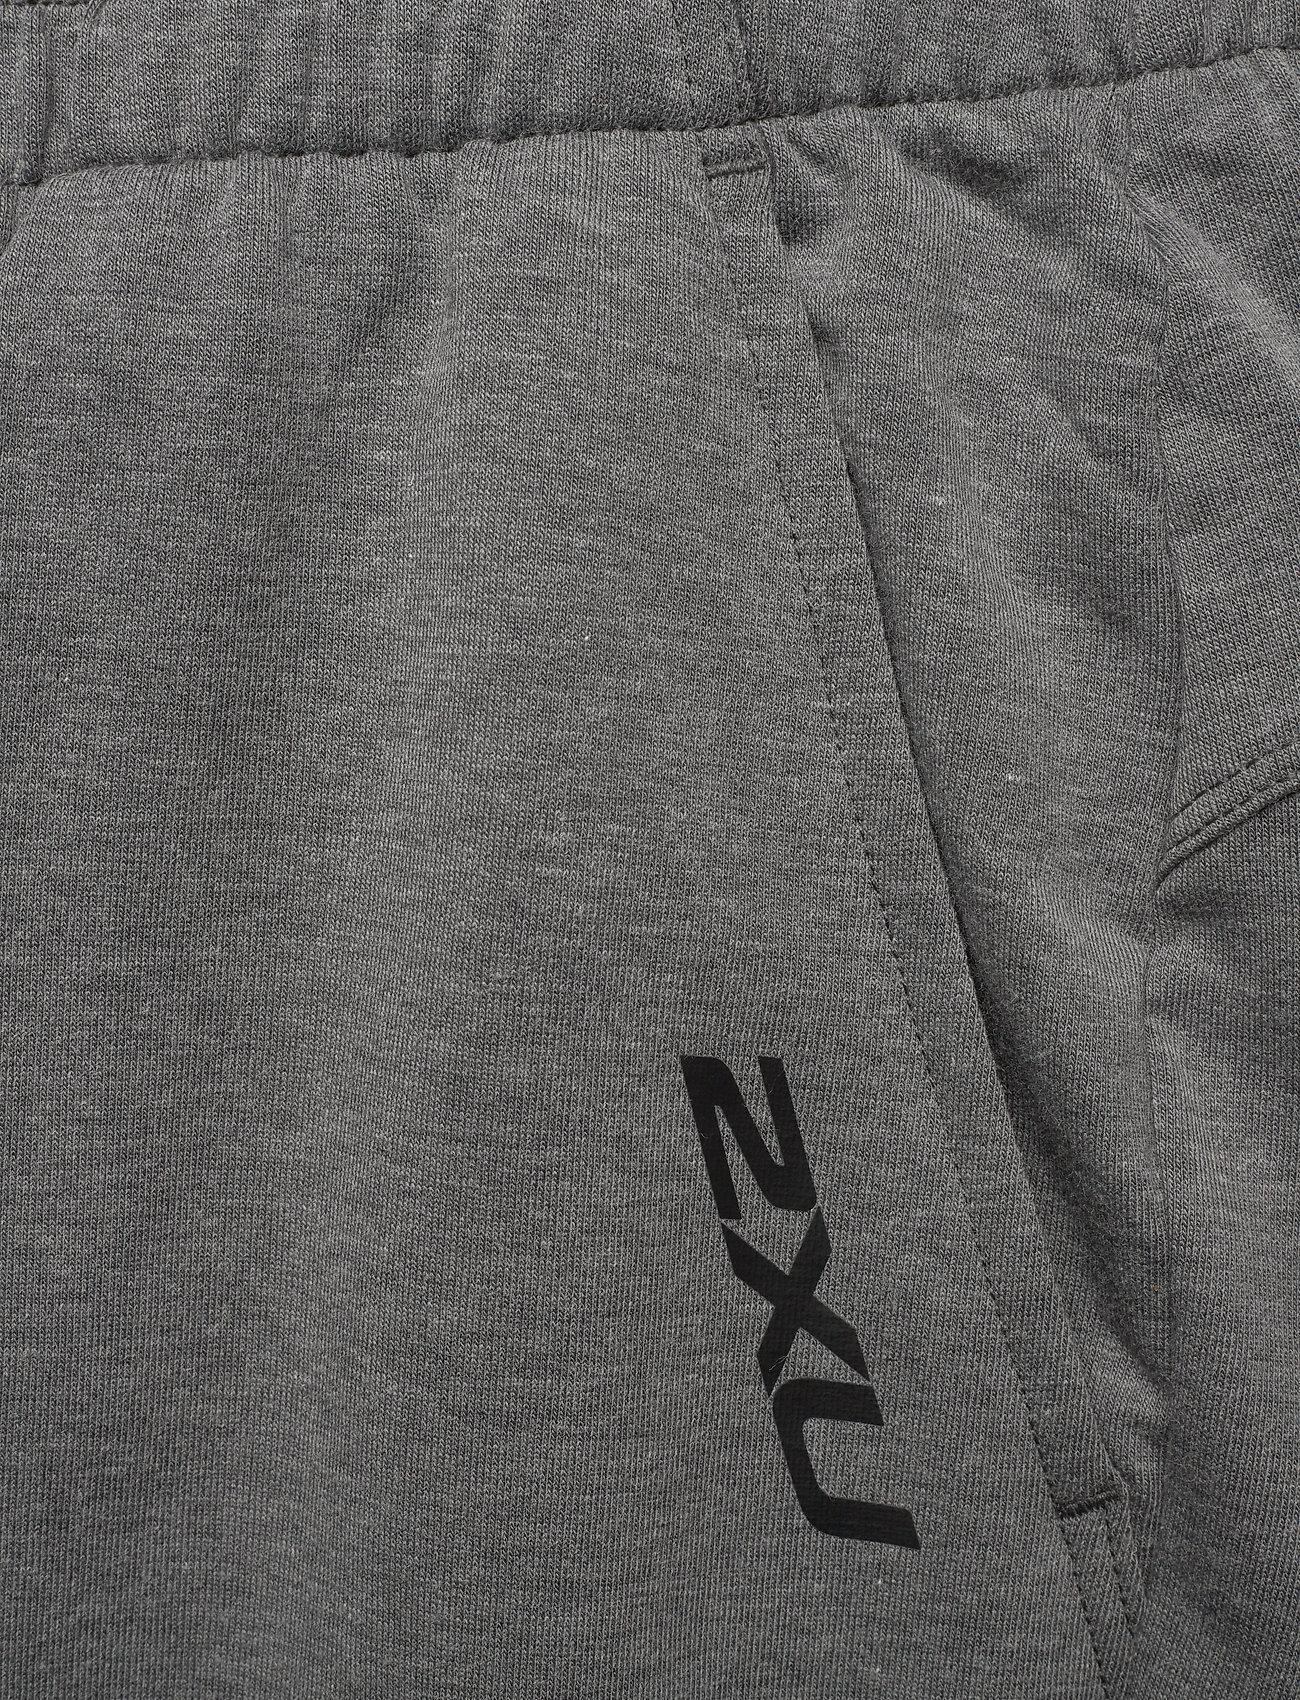 2XU Training Pant-w (Grey Marle/grey Marle), 391.30